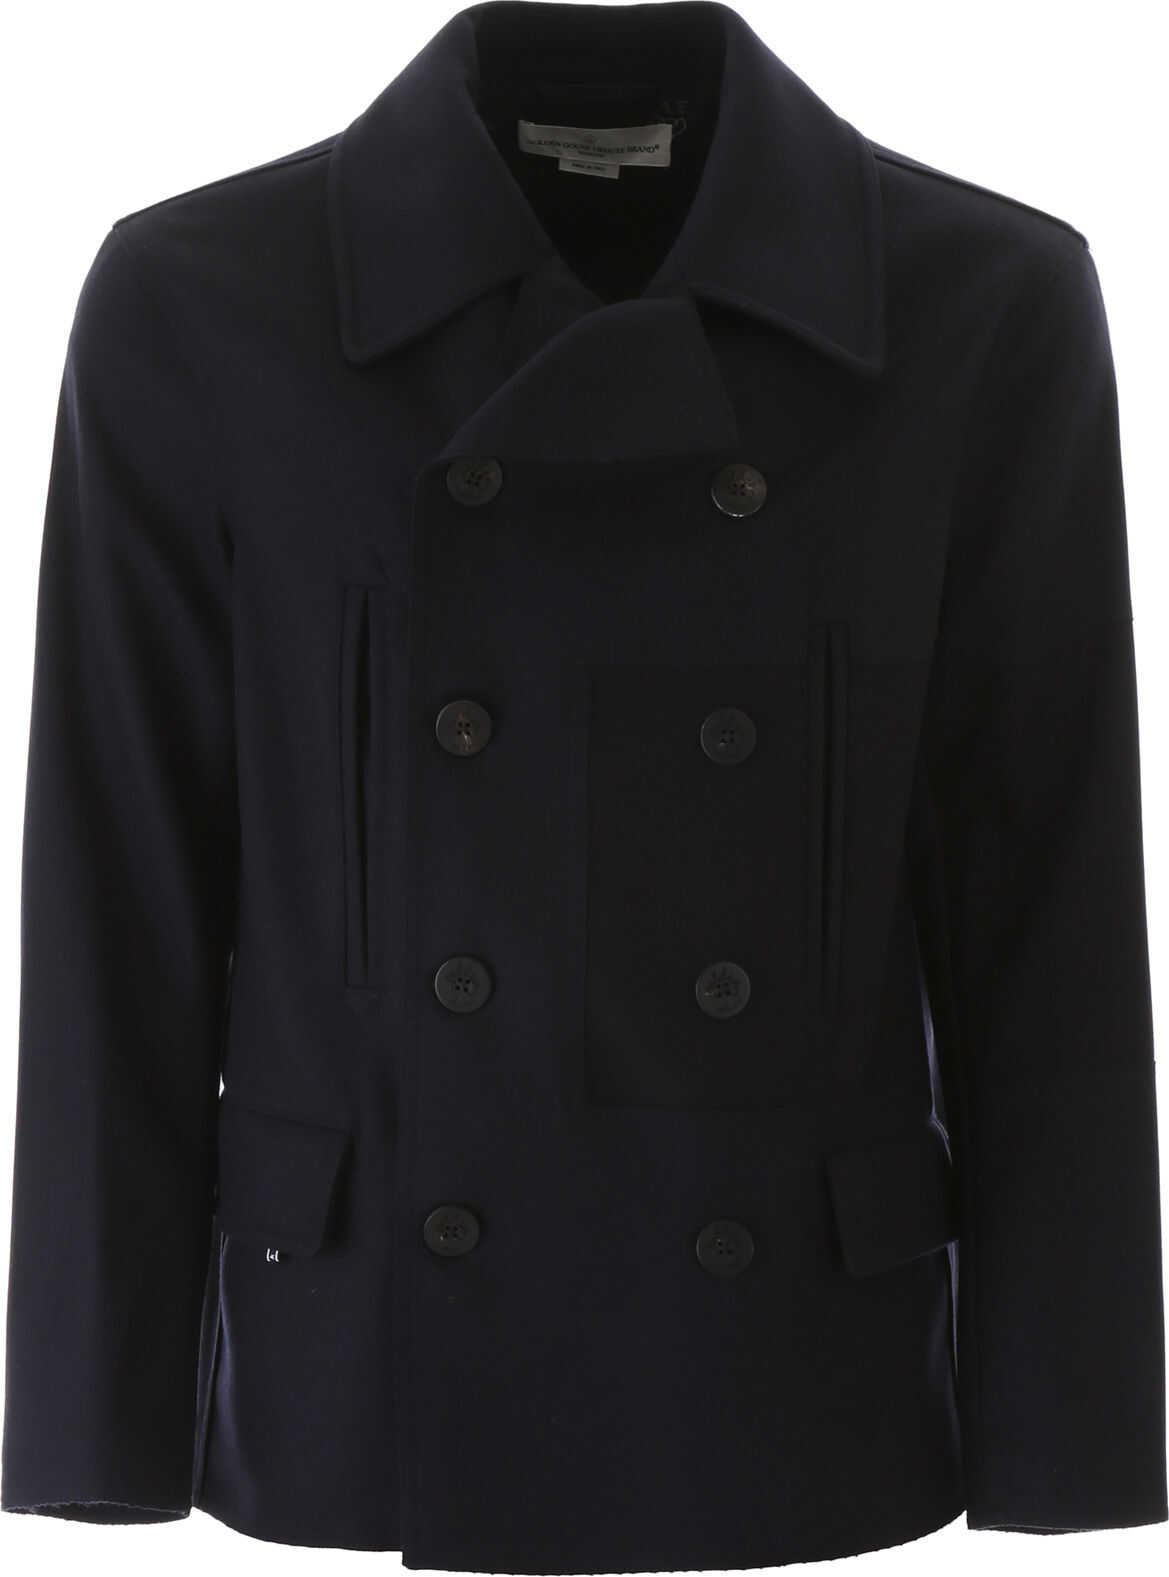 Wool Cloth Pea Coat